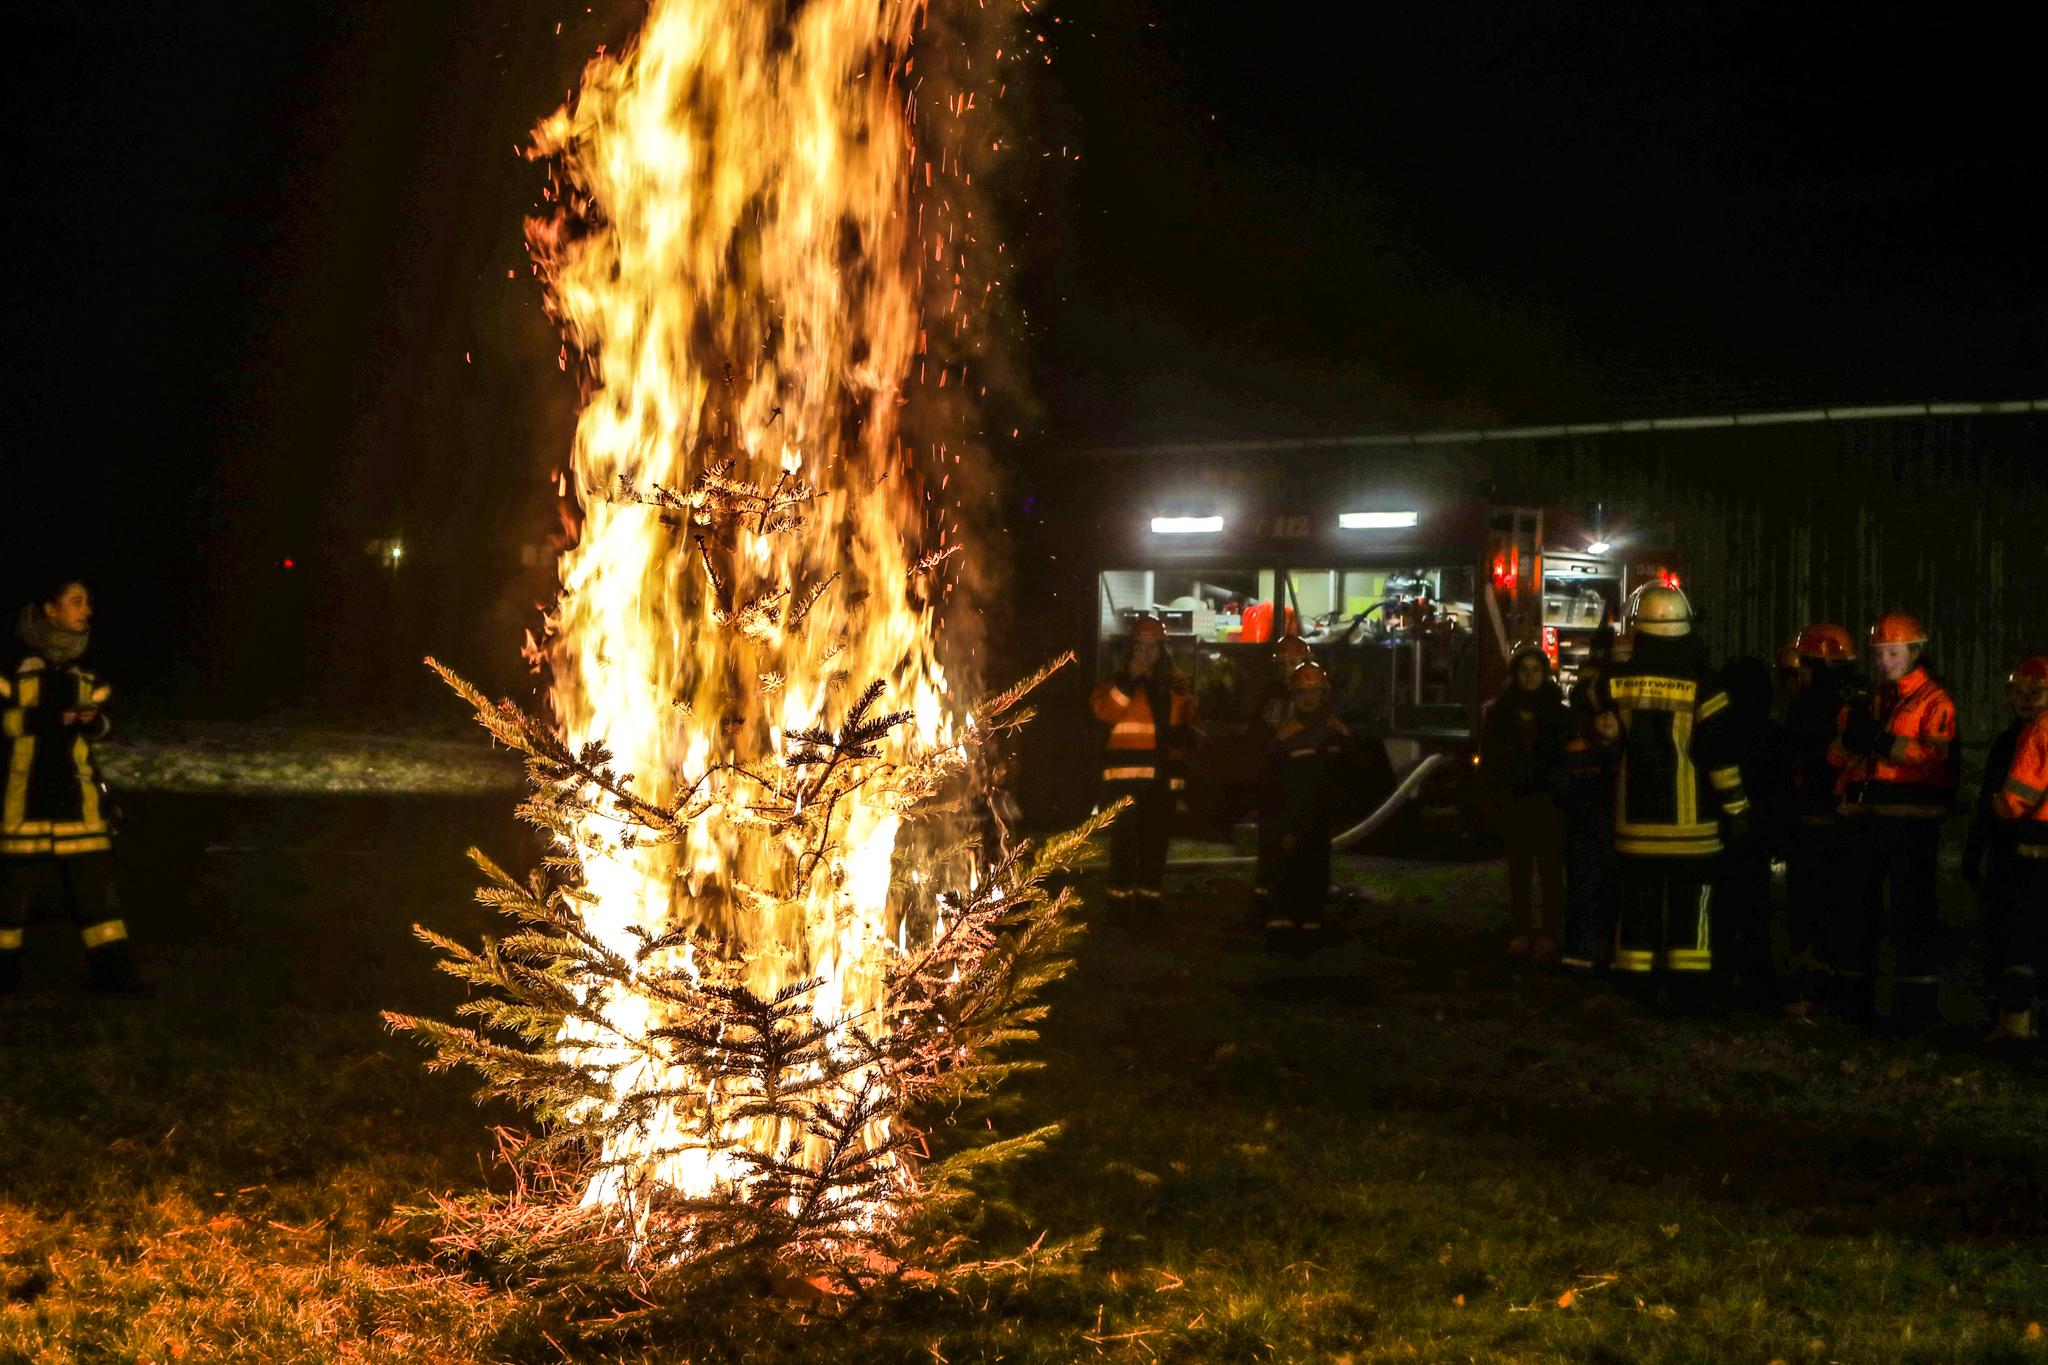 Feuer und Flamme: Jugendfeuerwehr löscht brennende Tannenbäume